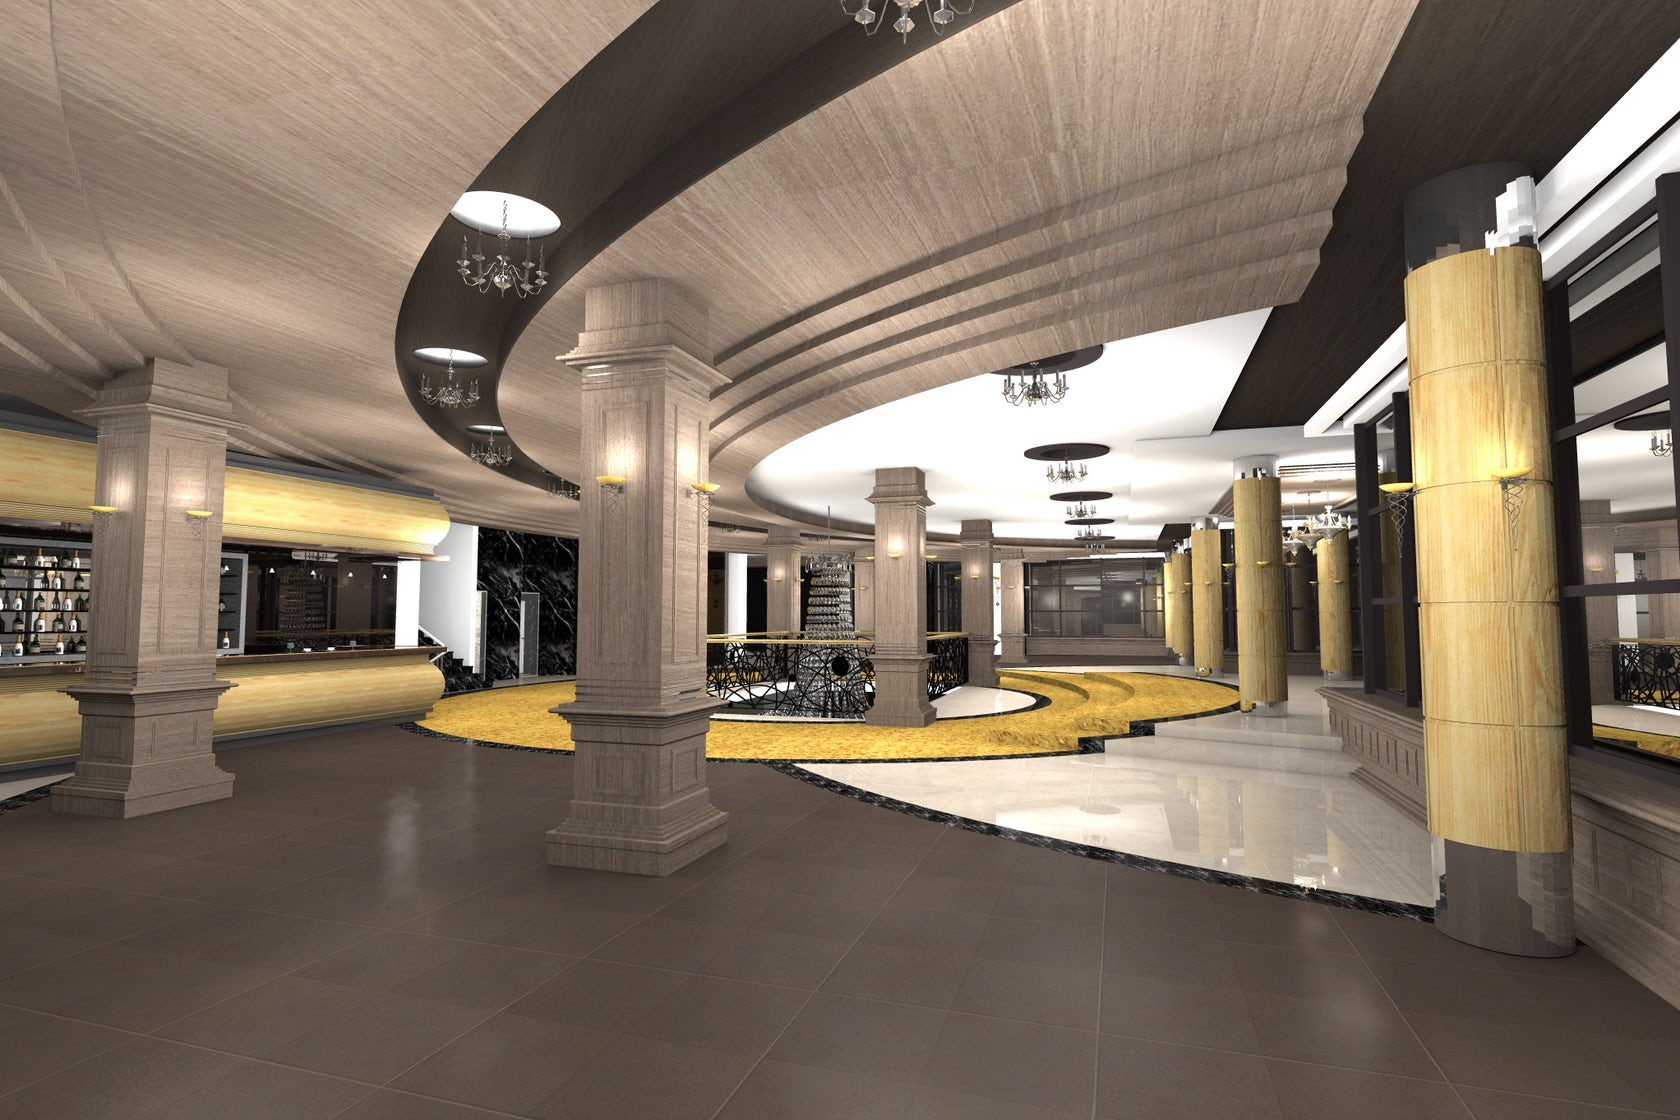 Restaurant interior design architizer